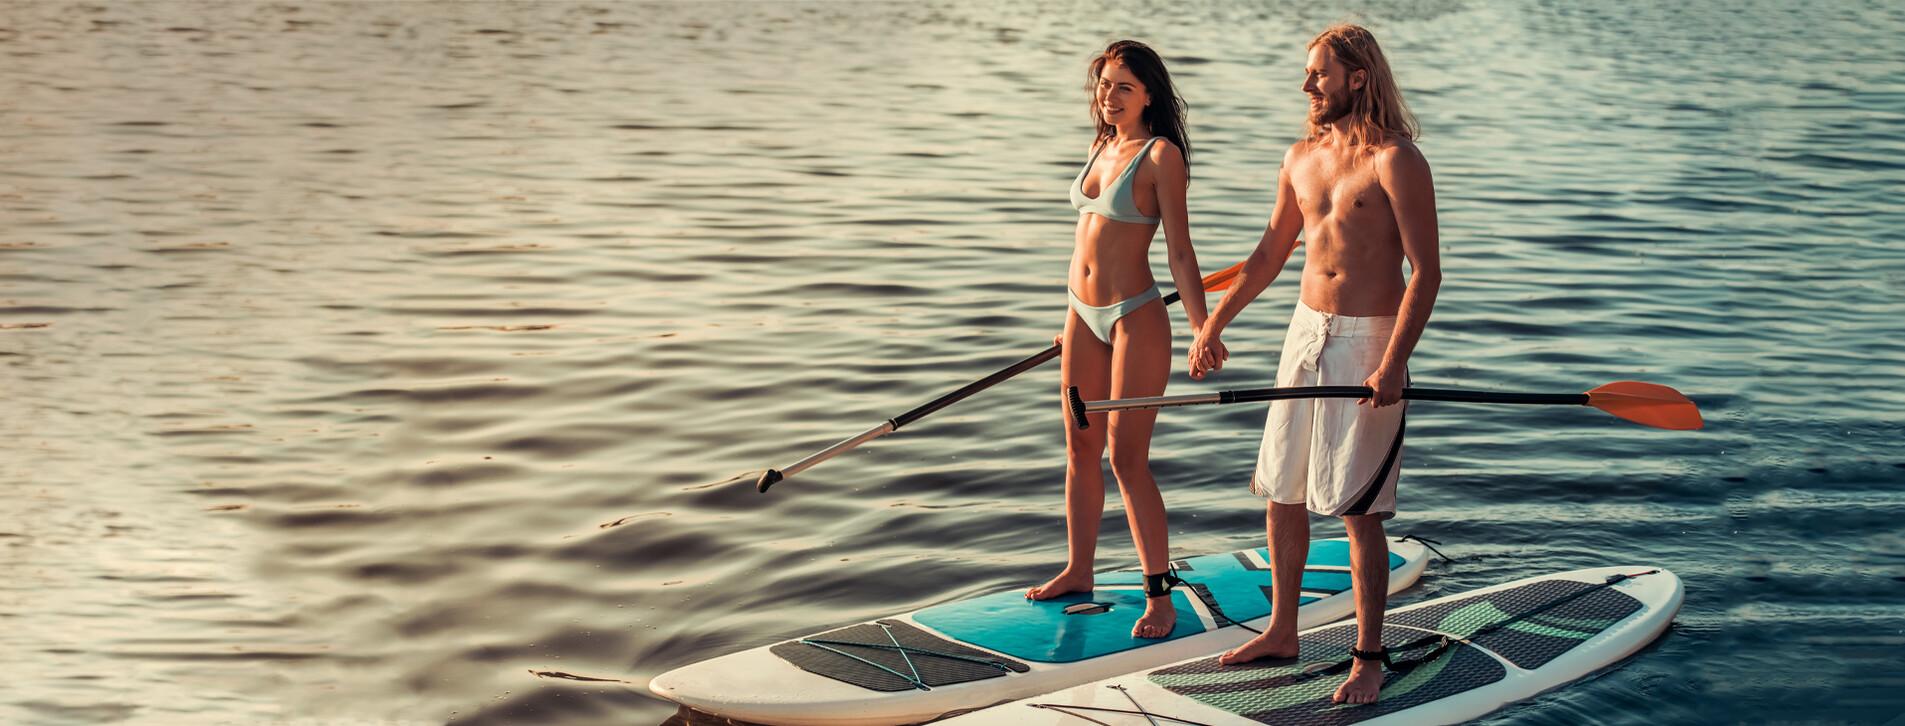 Fotoğraf 1 - İki Kişi için Stand Up Paddle Turu